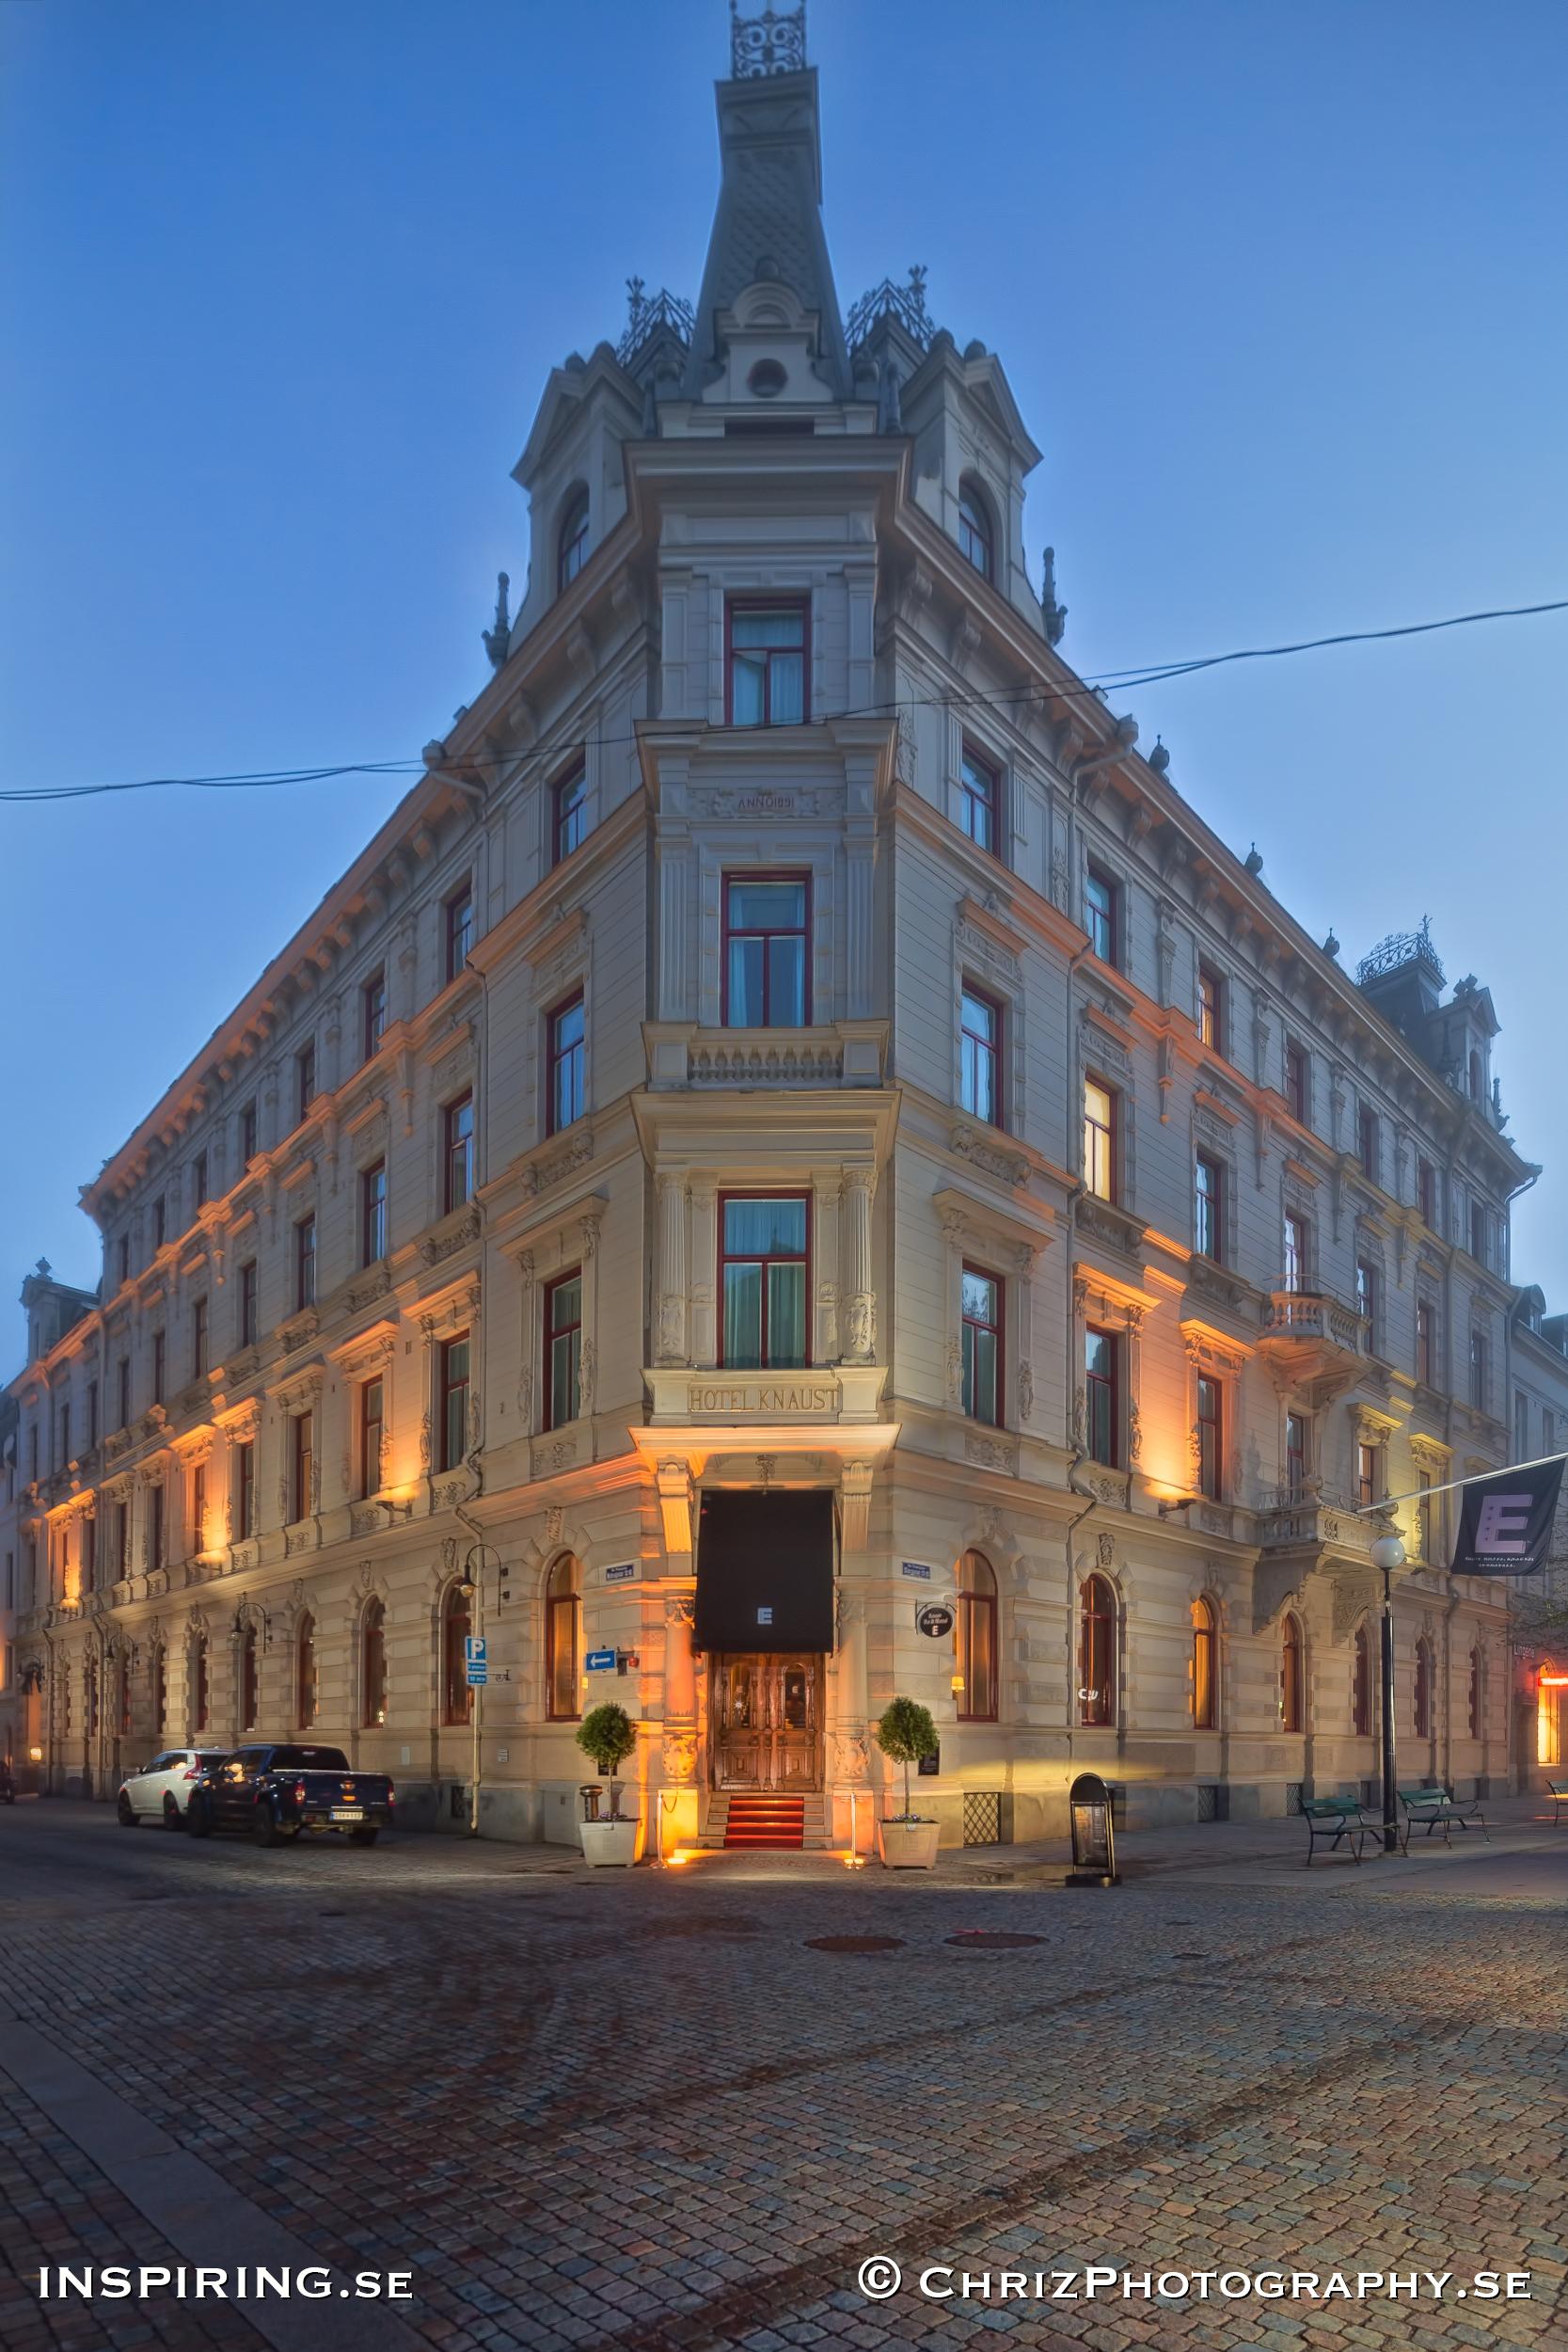 Elite_Hotel_Knaust_Inspiring.se_copyright_ChrizPhotography.se_39.jpg